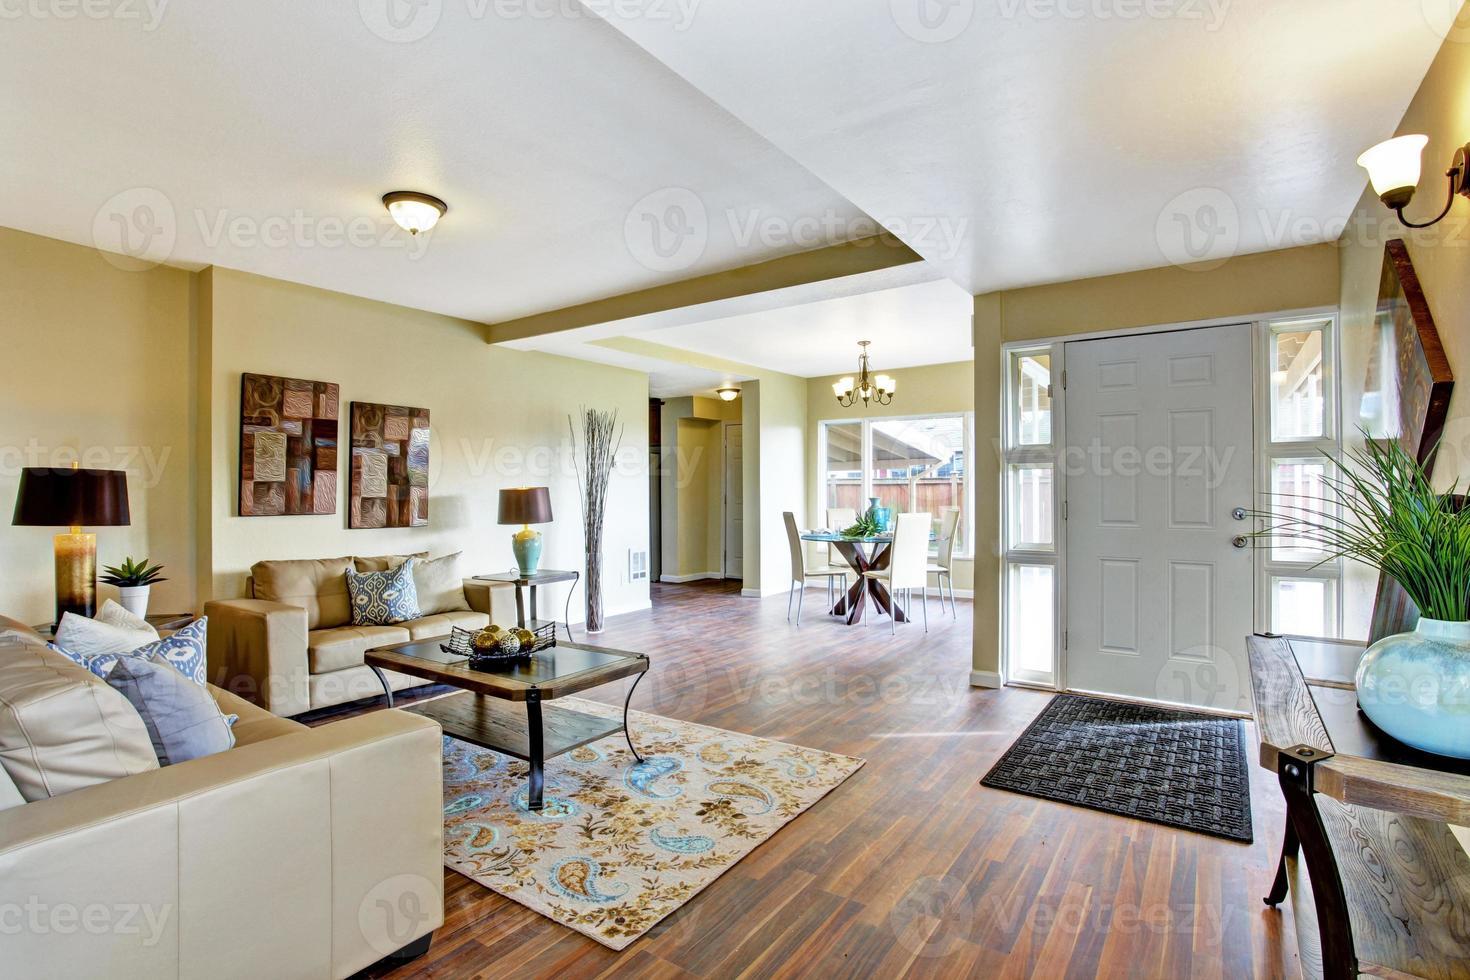 interno della casa. soggiorno con zona pranzo foto